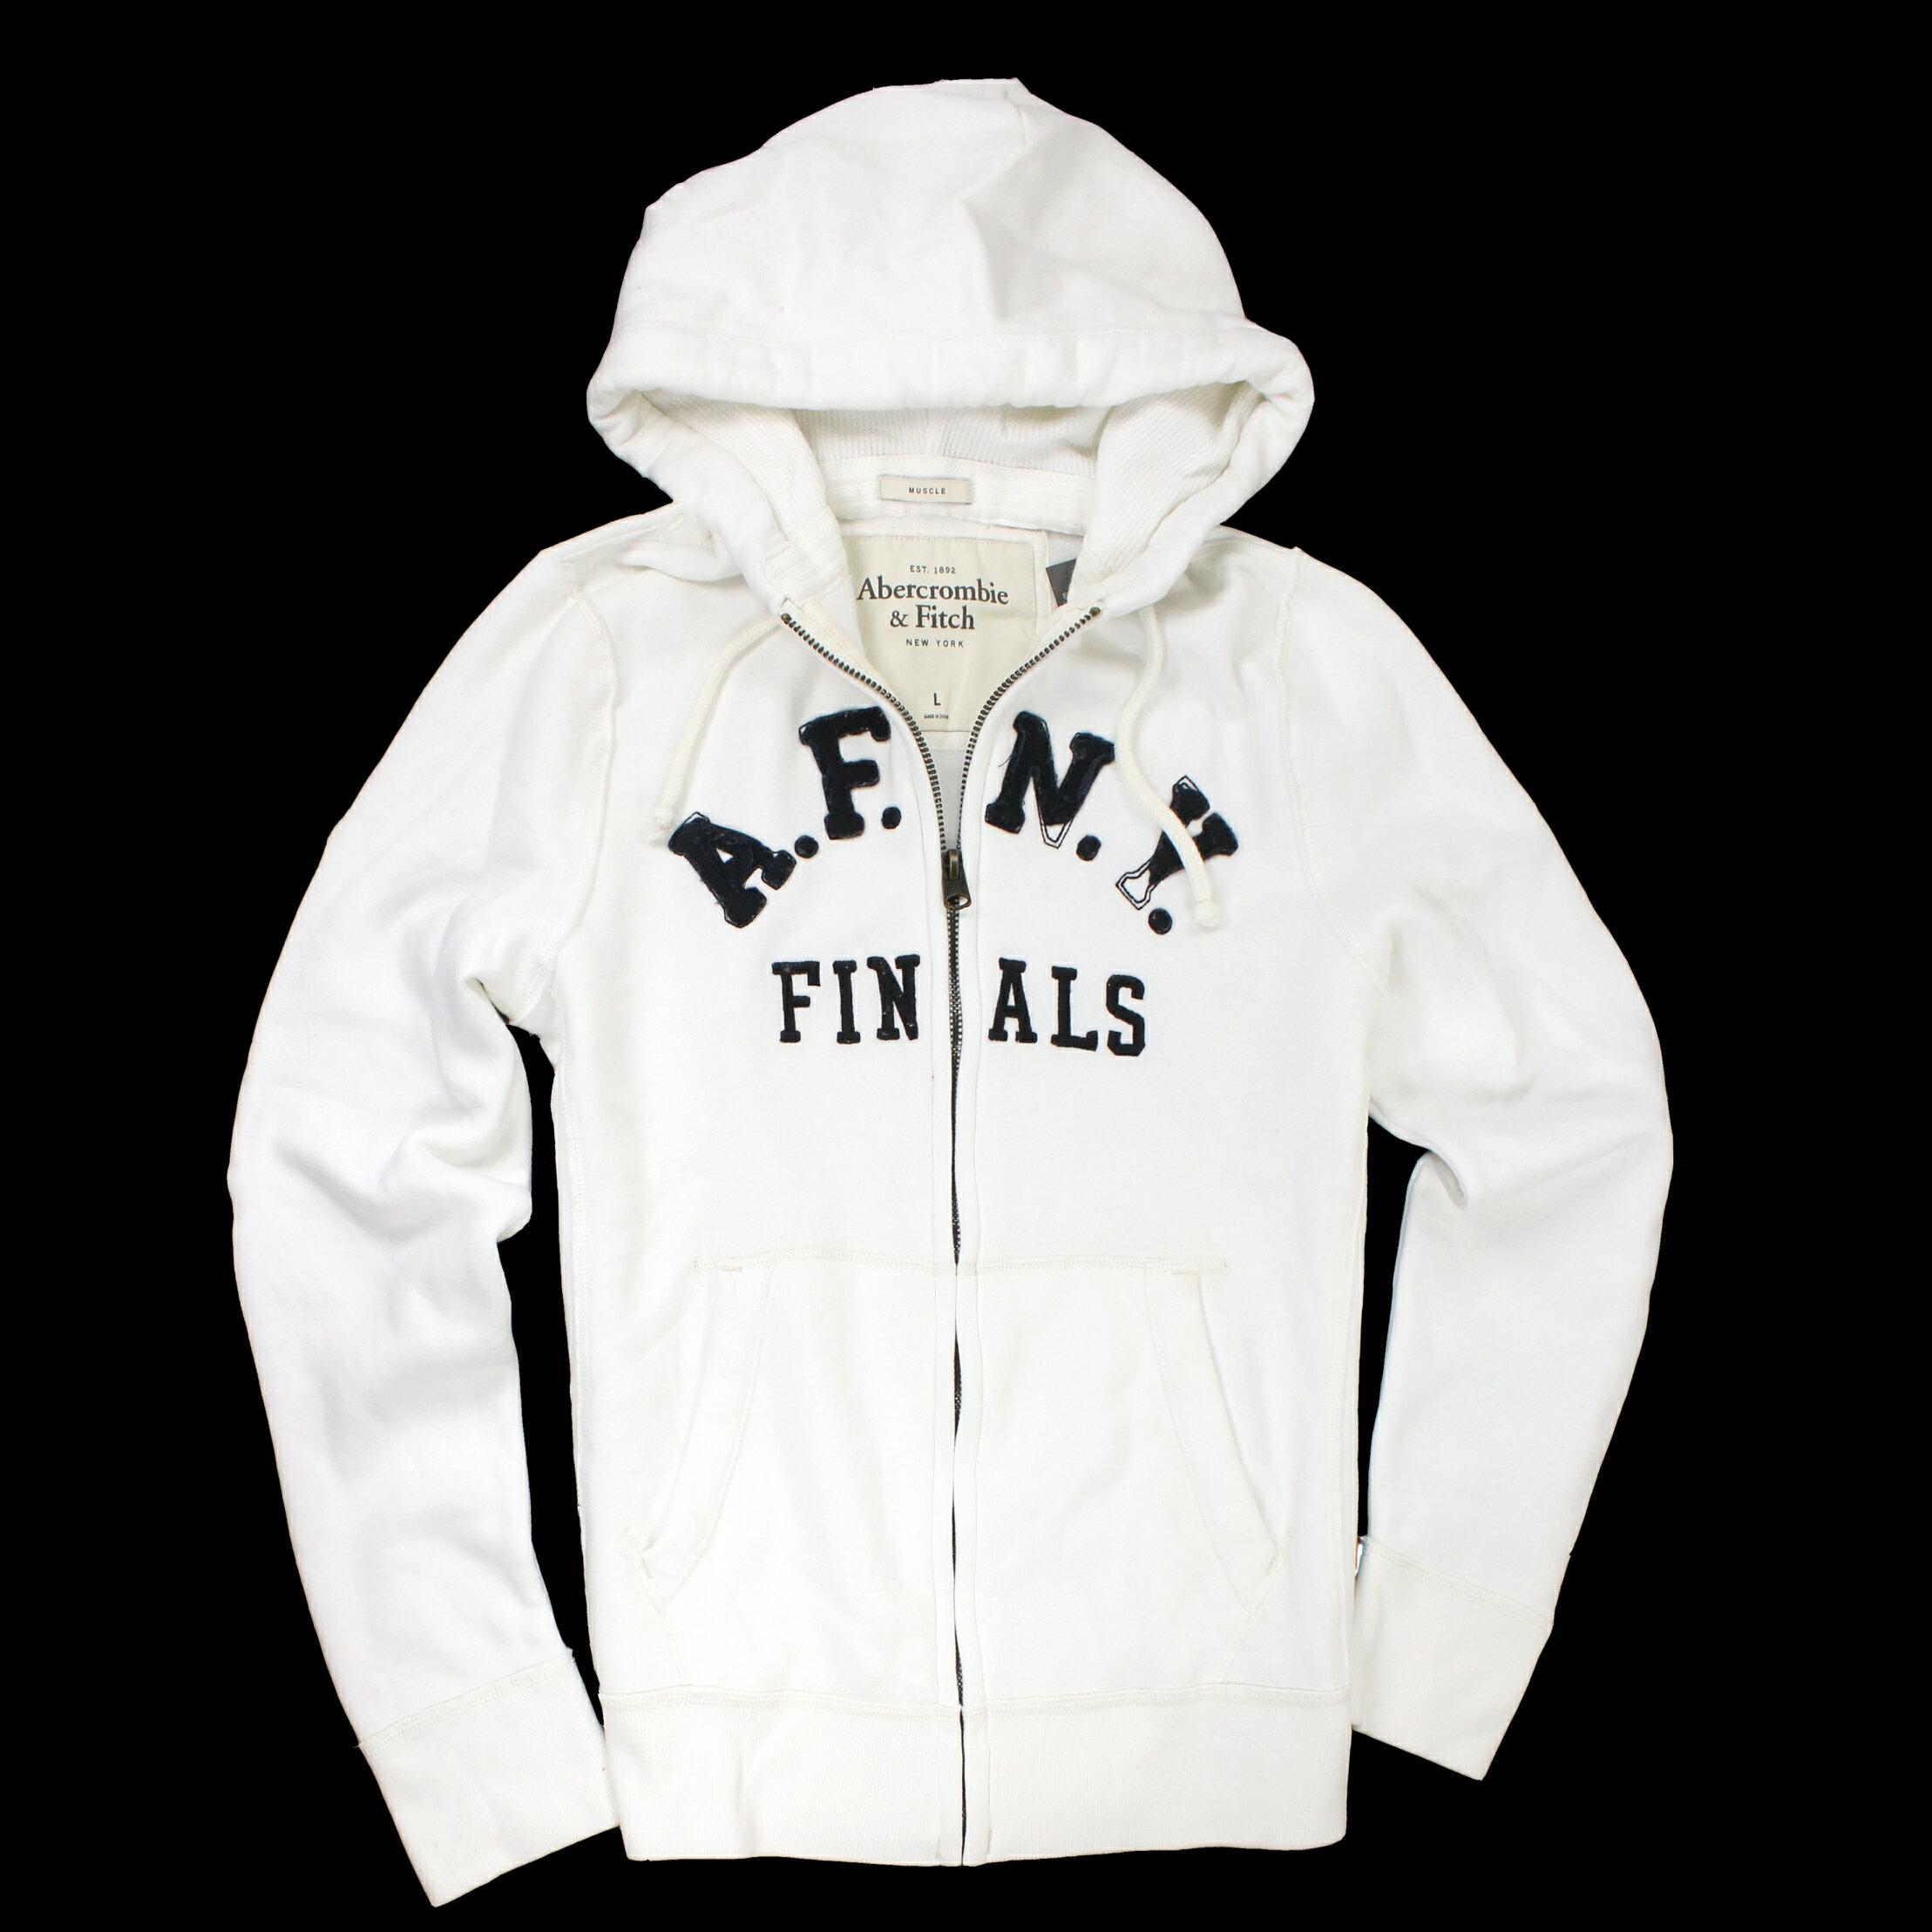 美國百分百【全新真品】Abercrombie & Fitch 外套 AF 連帽外套 麋鹿 長袖 白色 男 L號 E112